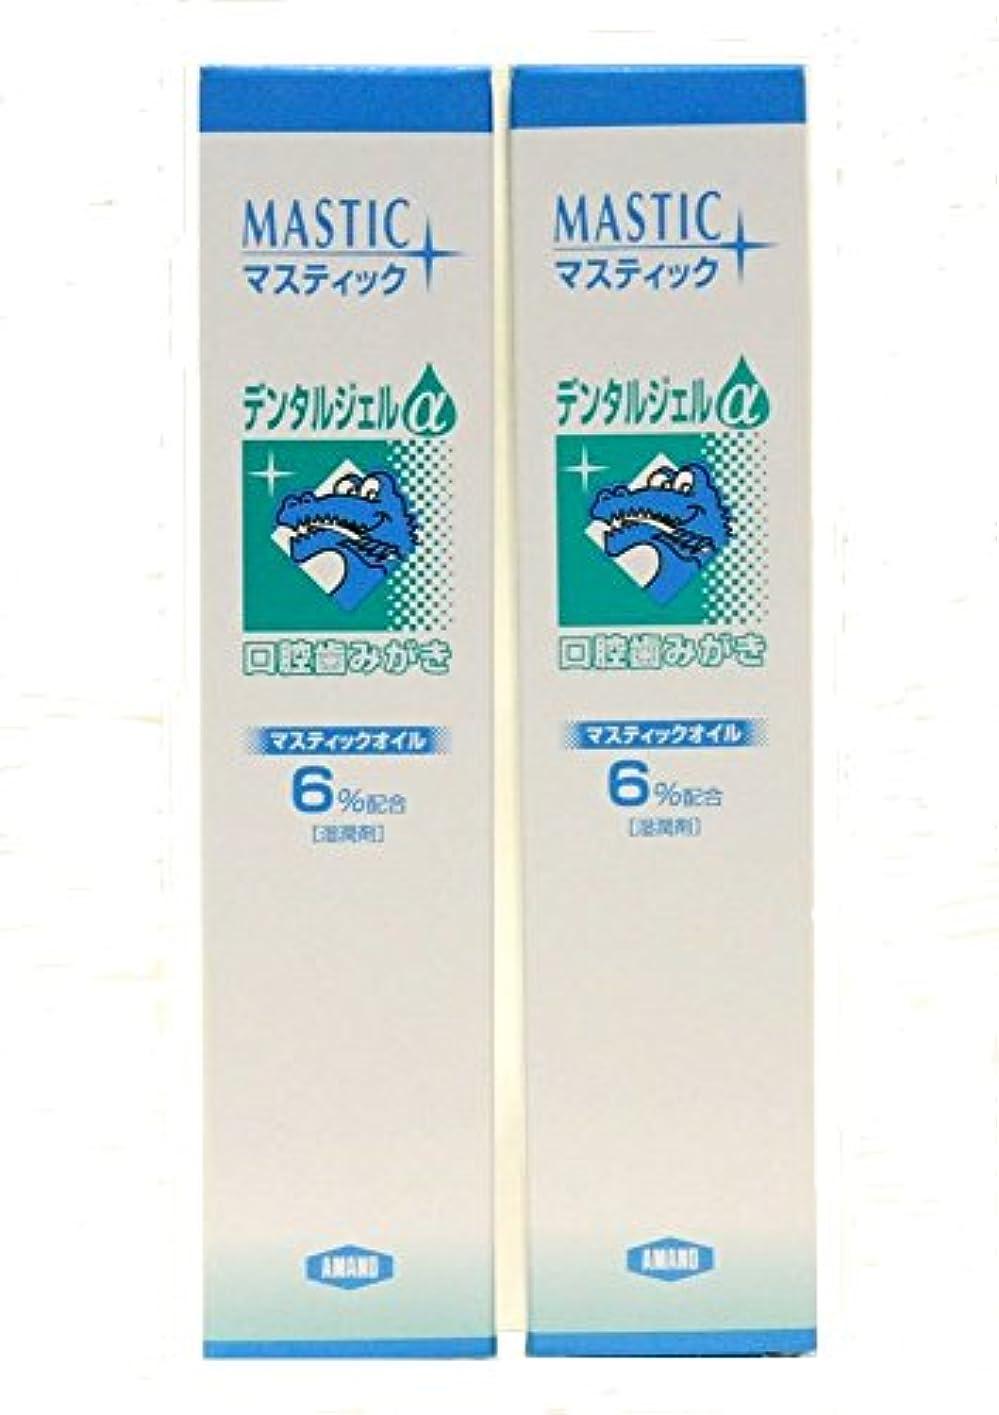 爵ニュース鎮痛剤MASTIC マスティックデンタルジェルα45gX2個セット